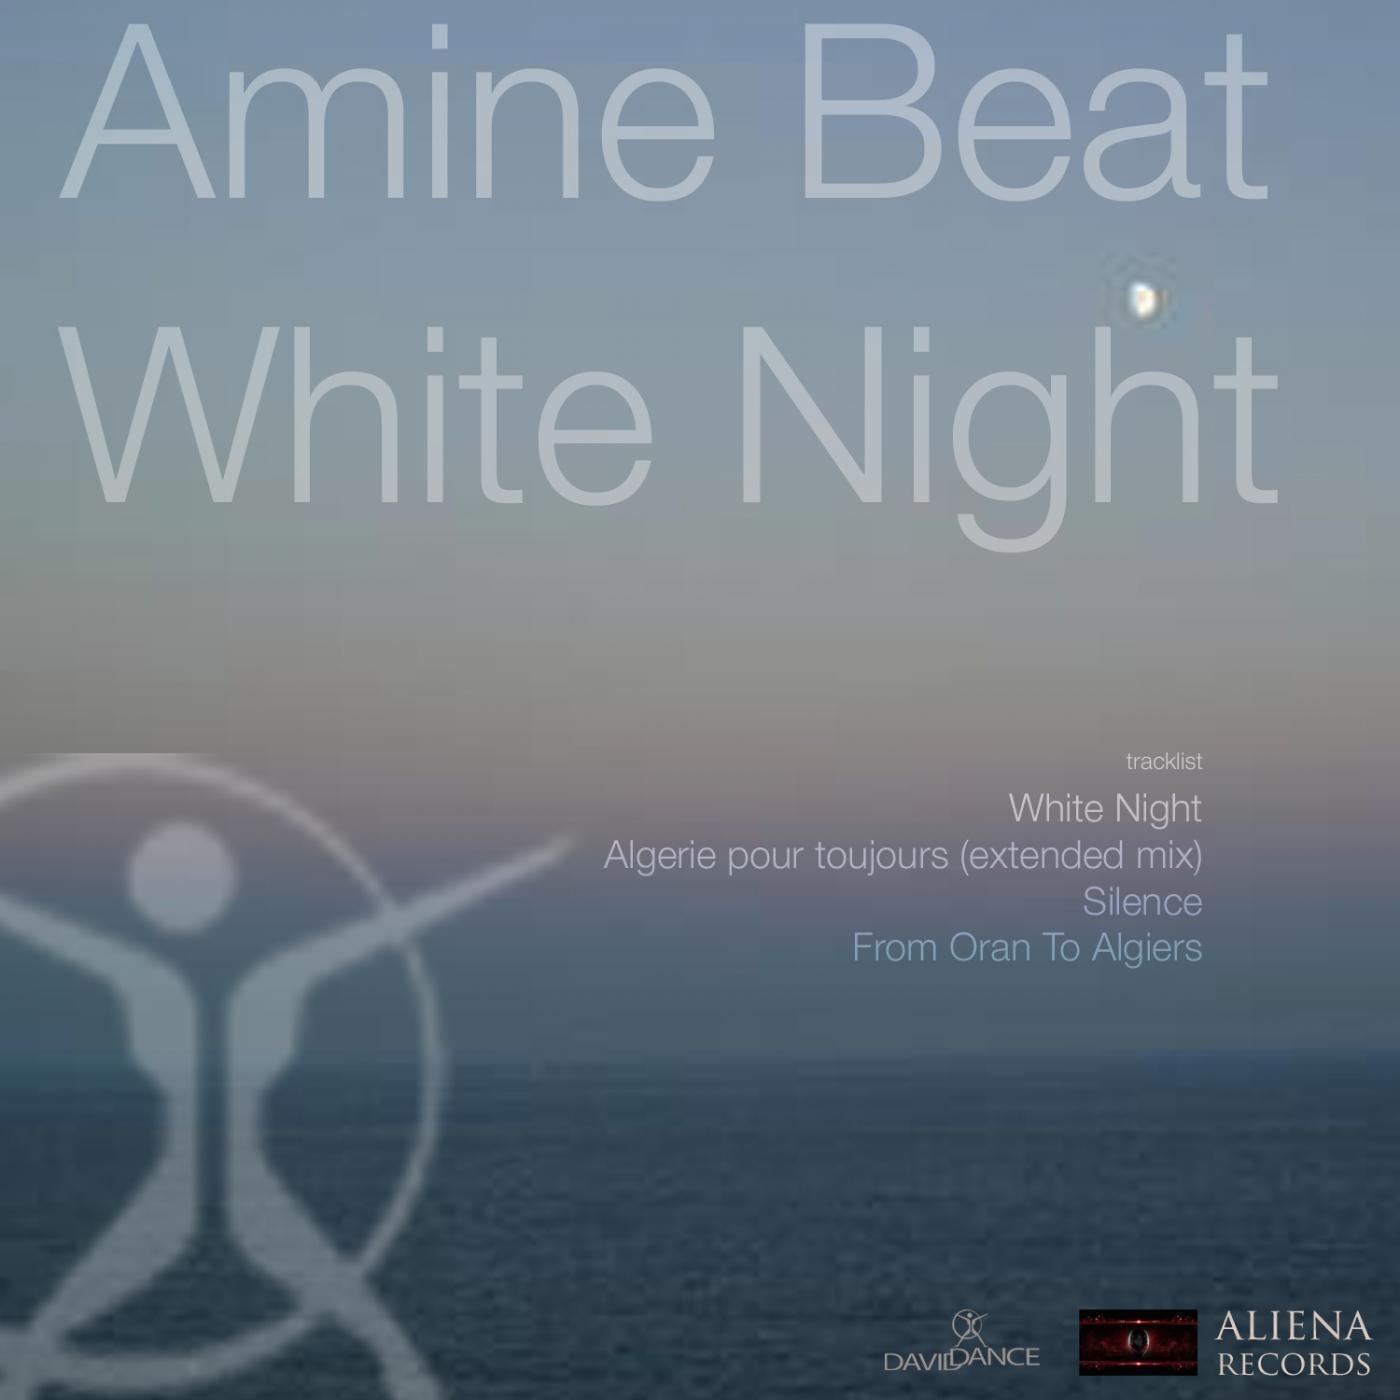 Amine Beat - White Night (Original mix)